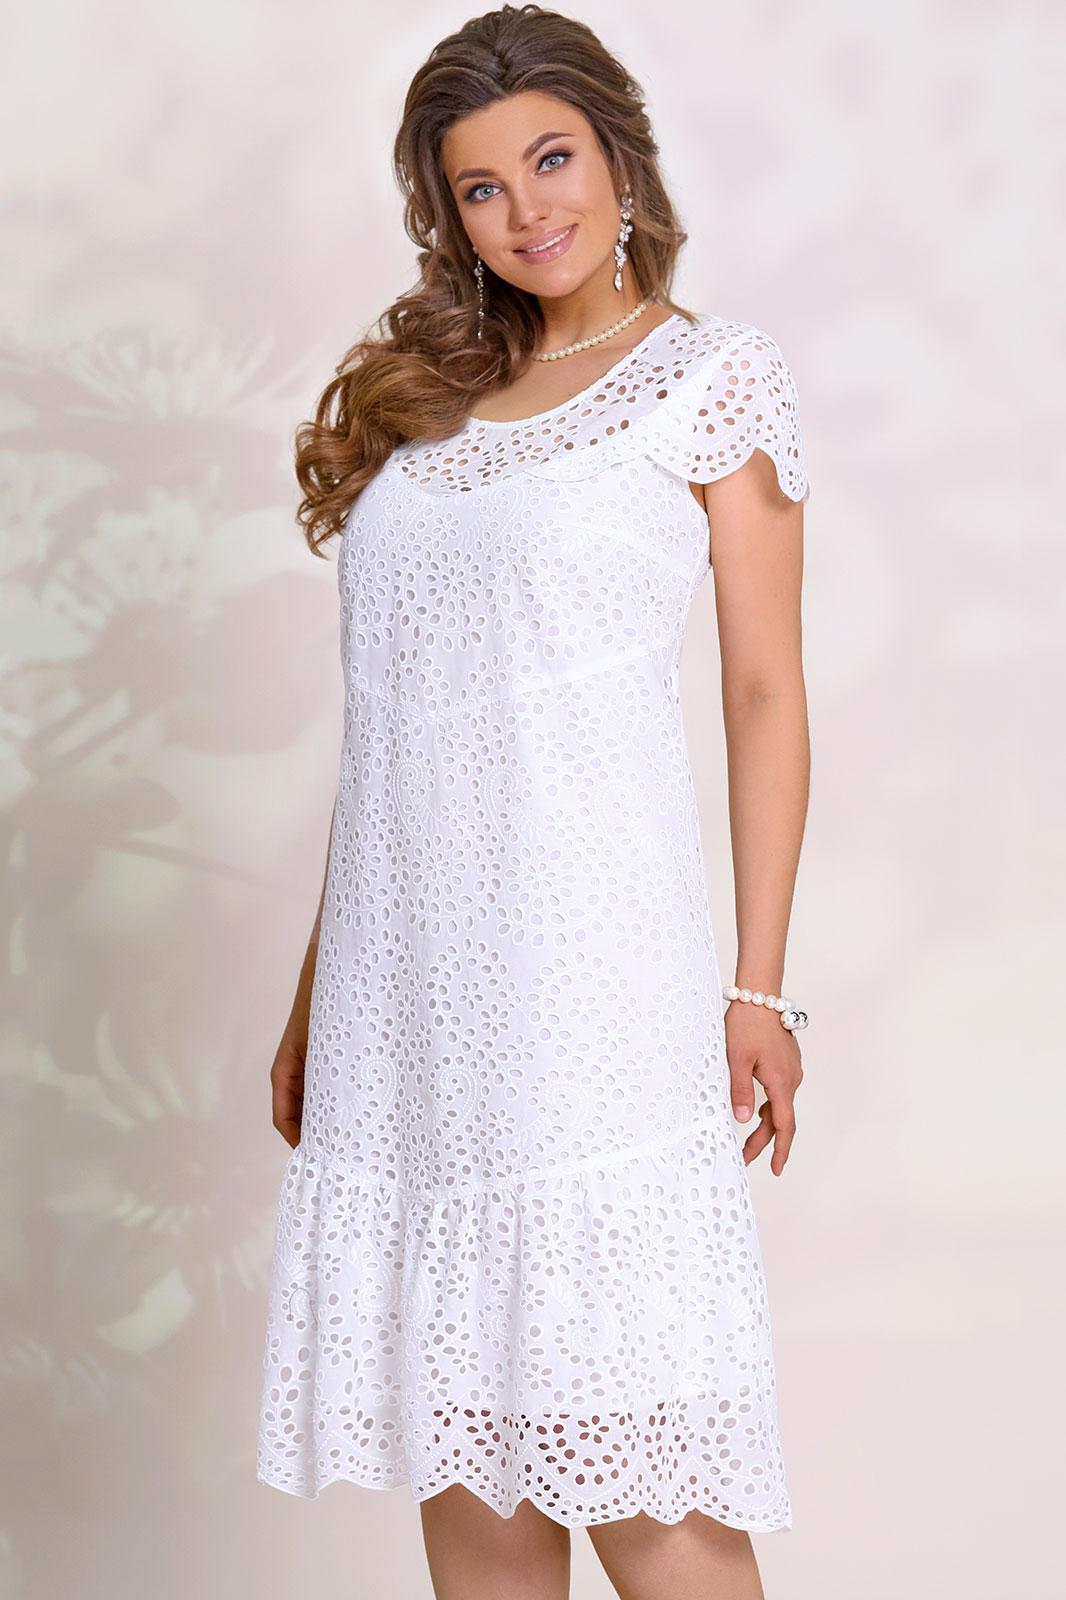 66d661bde4289 Купить белорусскую женскую одежду в интернет-магазине в Минске